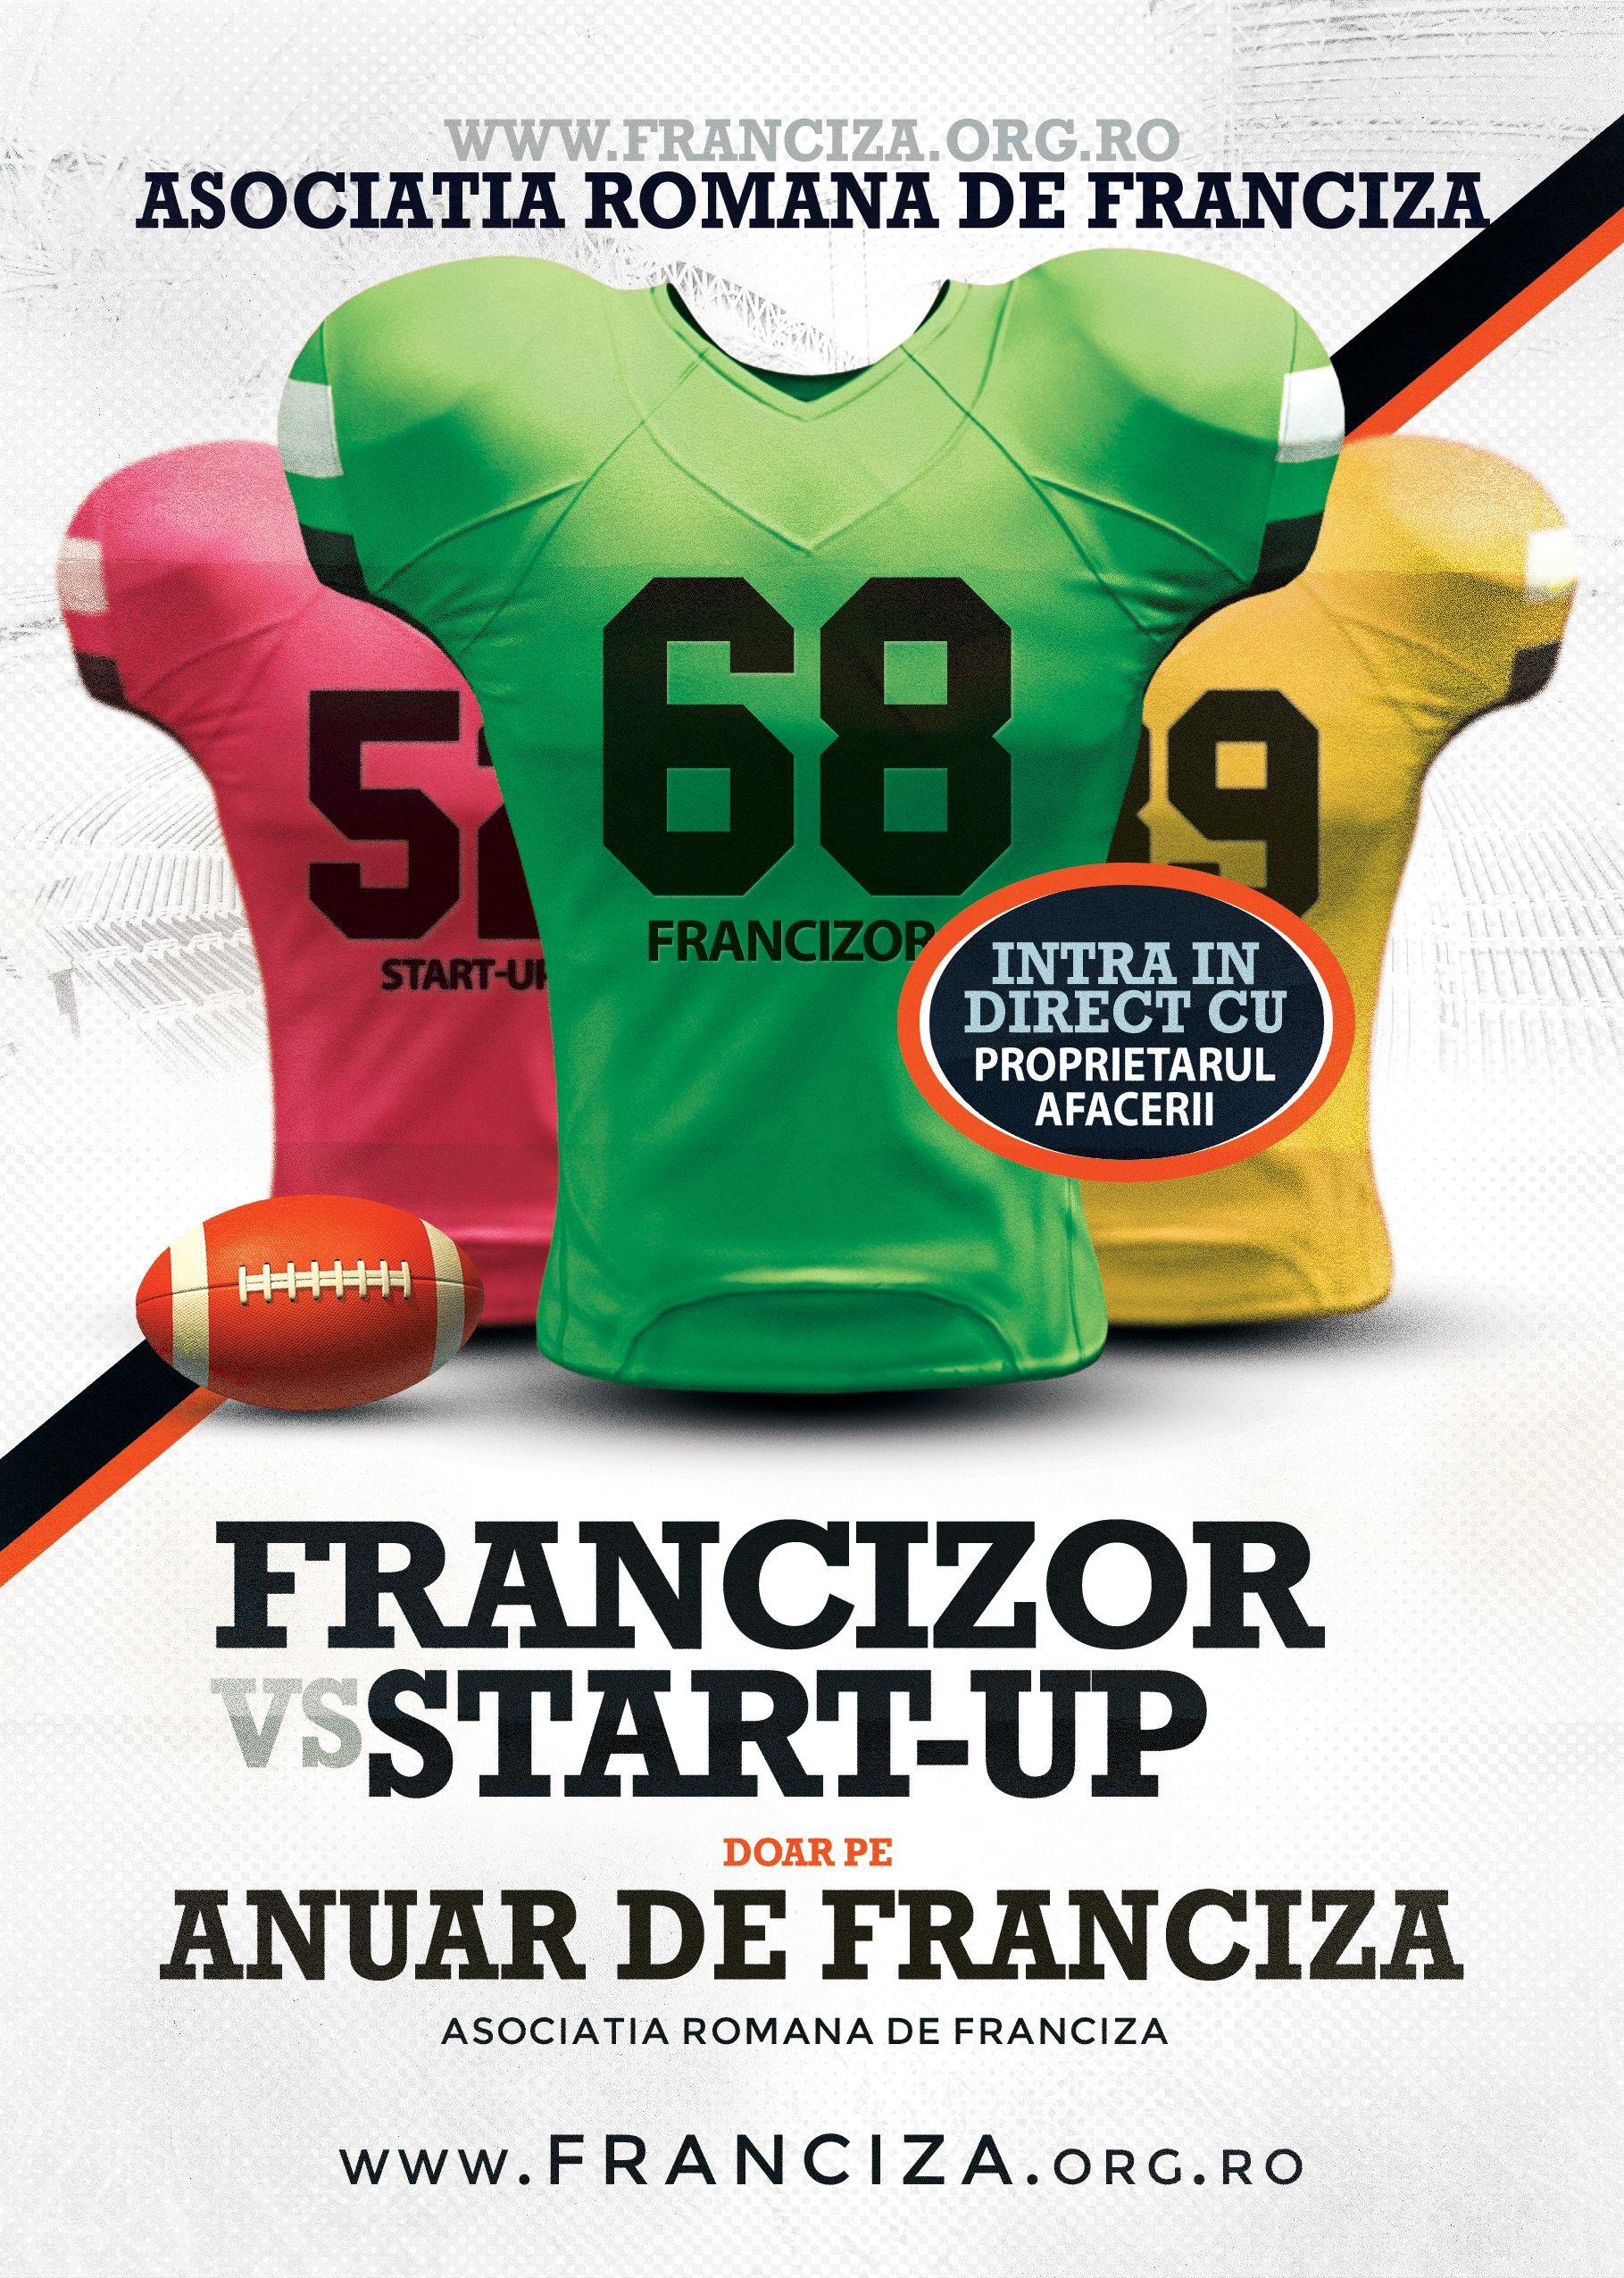 Anuar de Franciza - www.franciza.org.ro